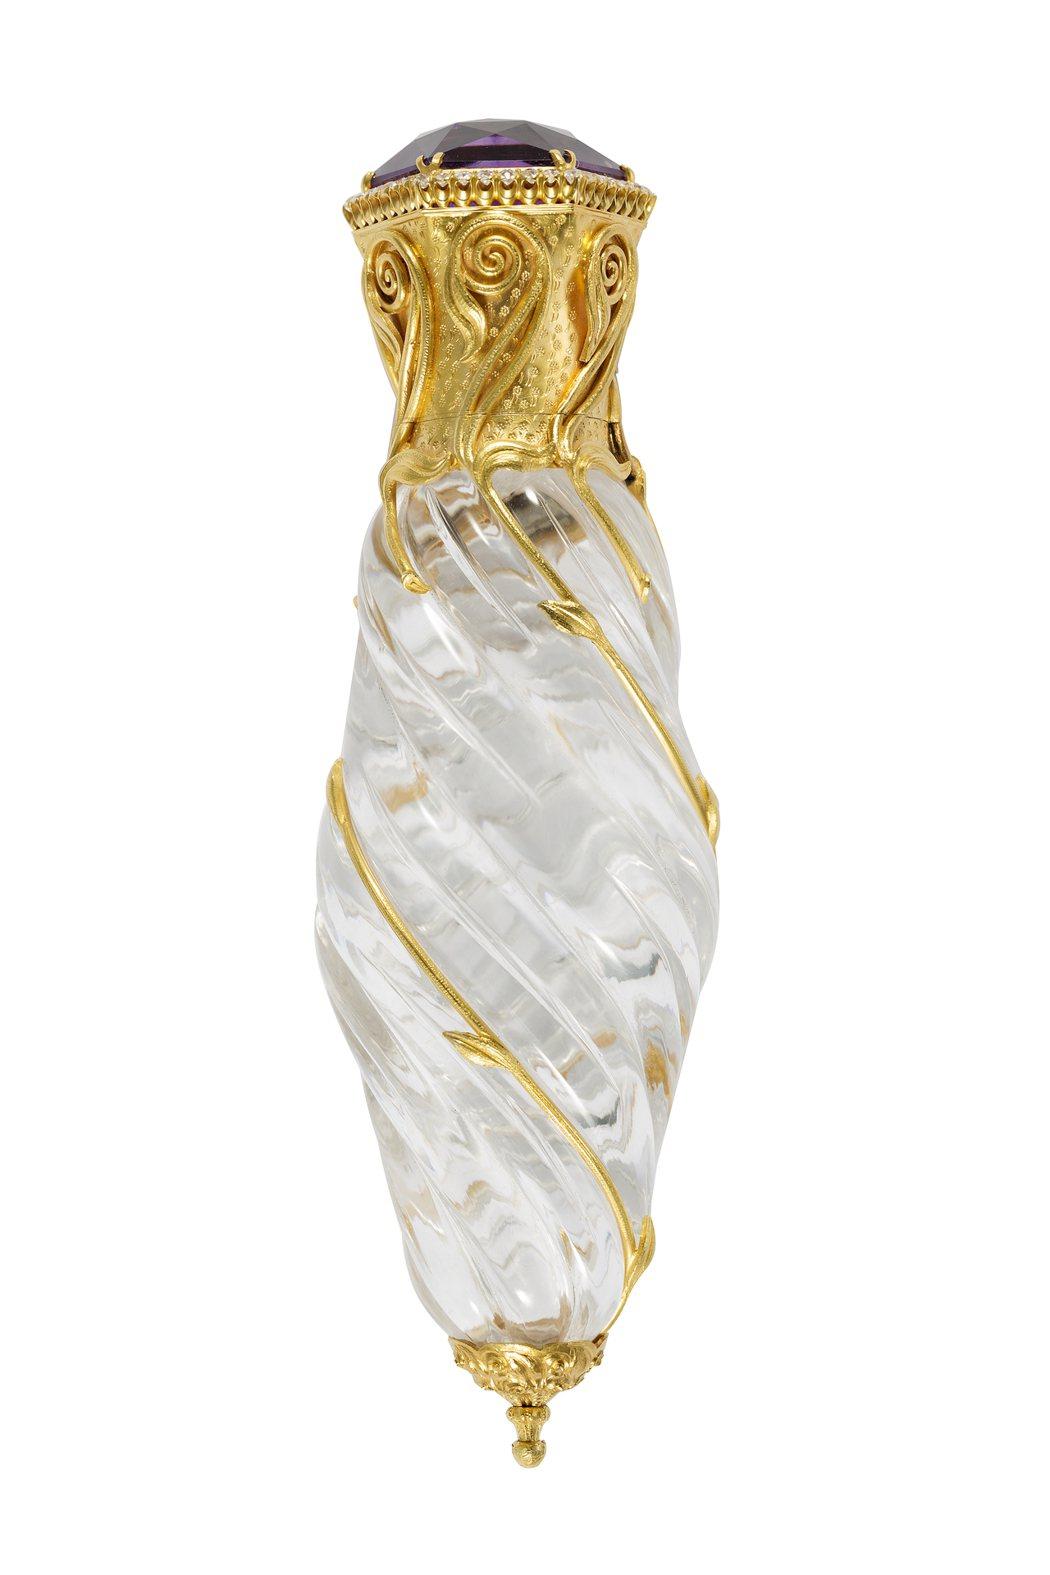 Tiffany香水瓶 (1895 – 1900)黃金、鑽石、紫水晶、水晶與軟木,...